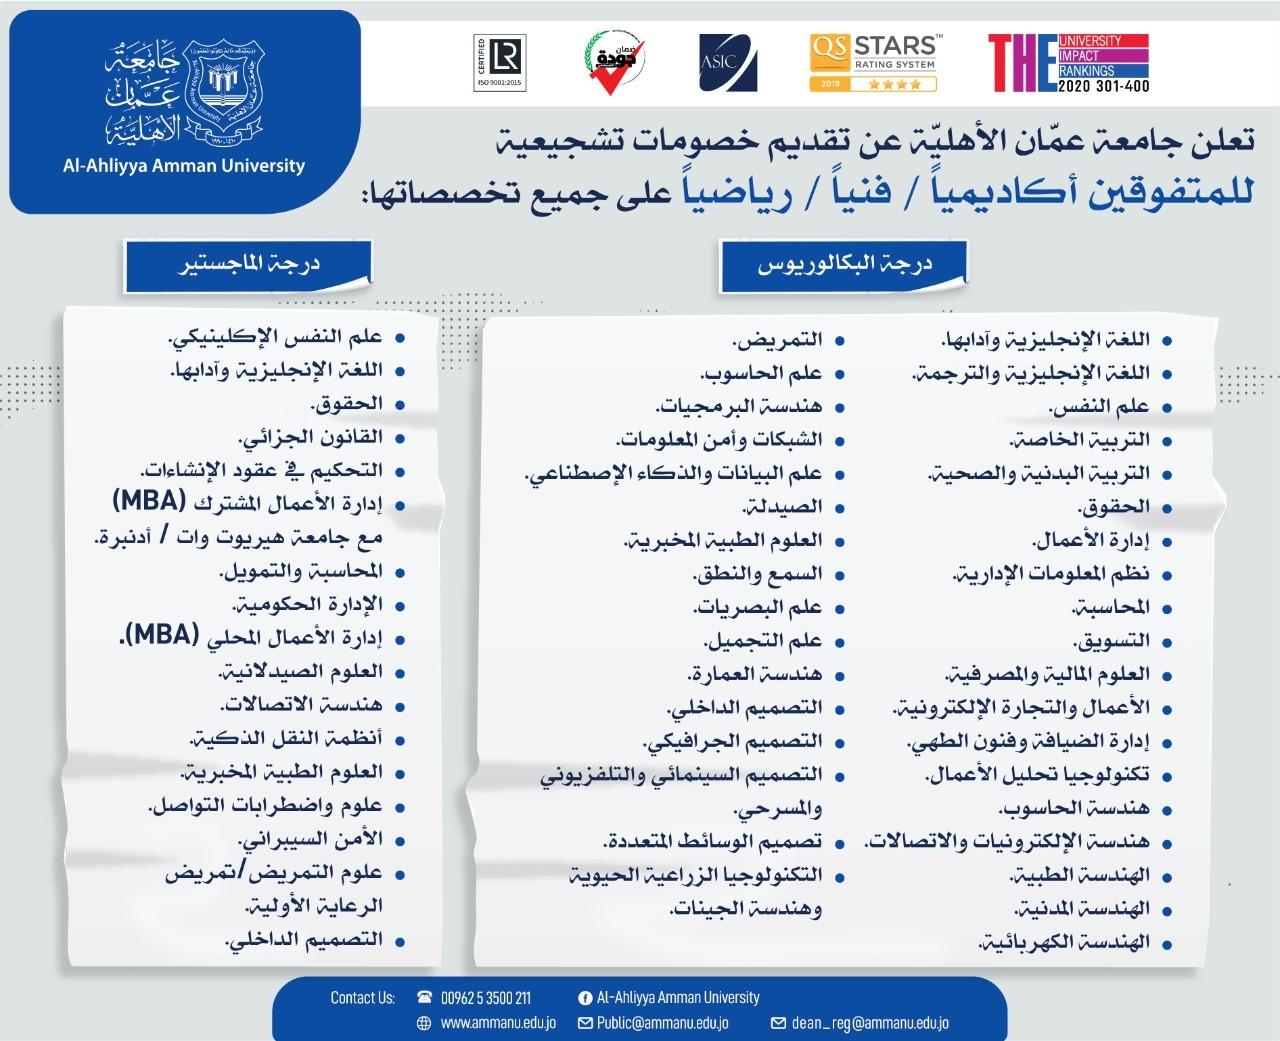 عمان الأهلية  تعلن عن تقديم خصومات تشجيعية للمتفوقين (أكاديمياً / فنياً / رياضياً) على جميع تخصصاتها